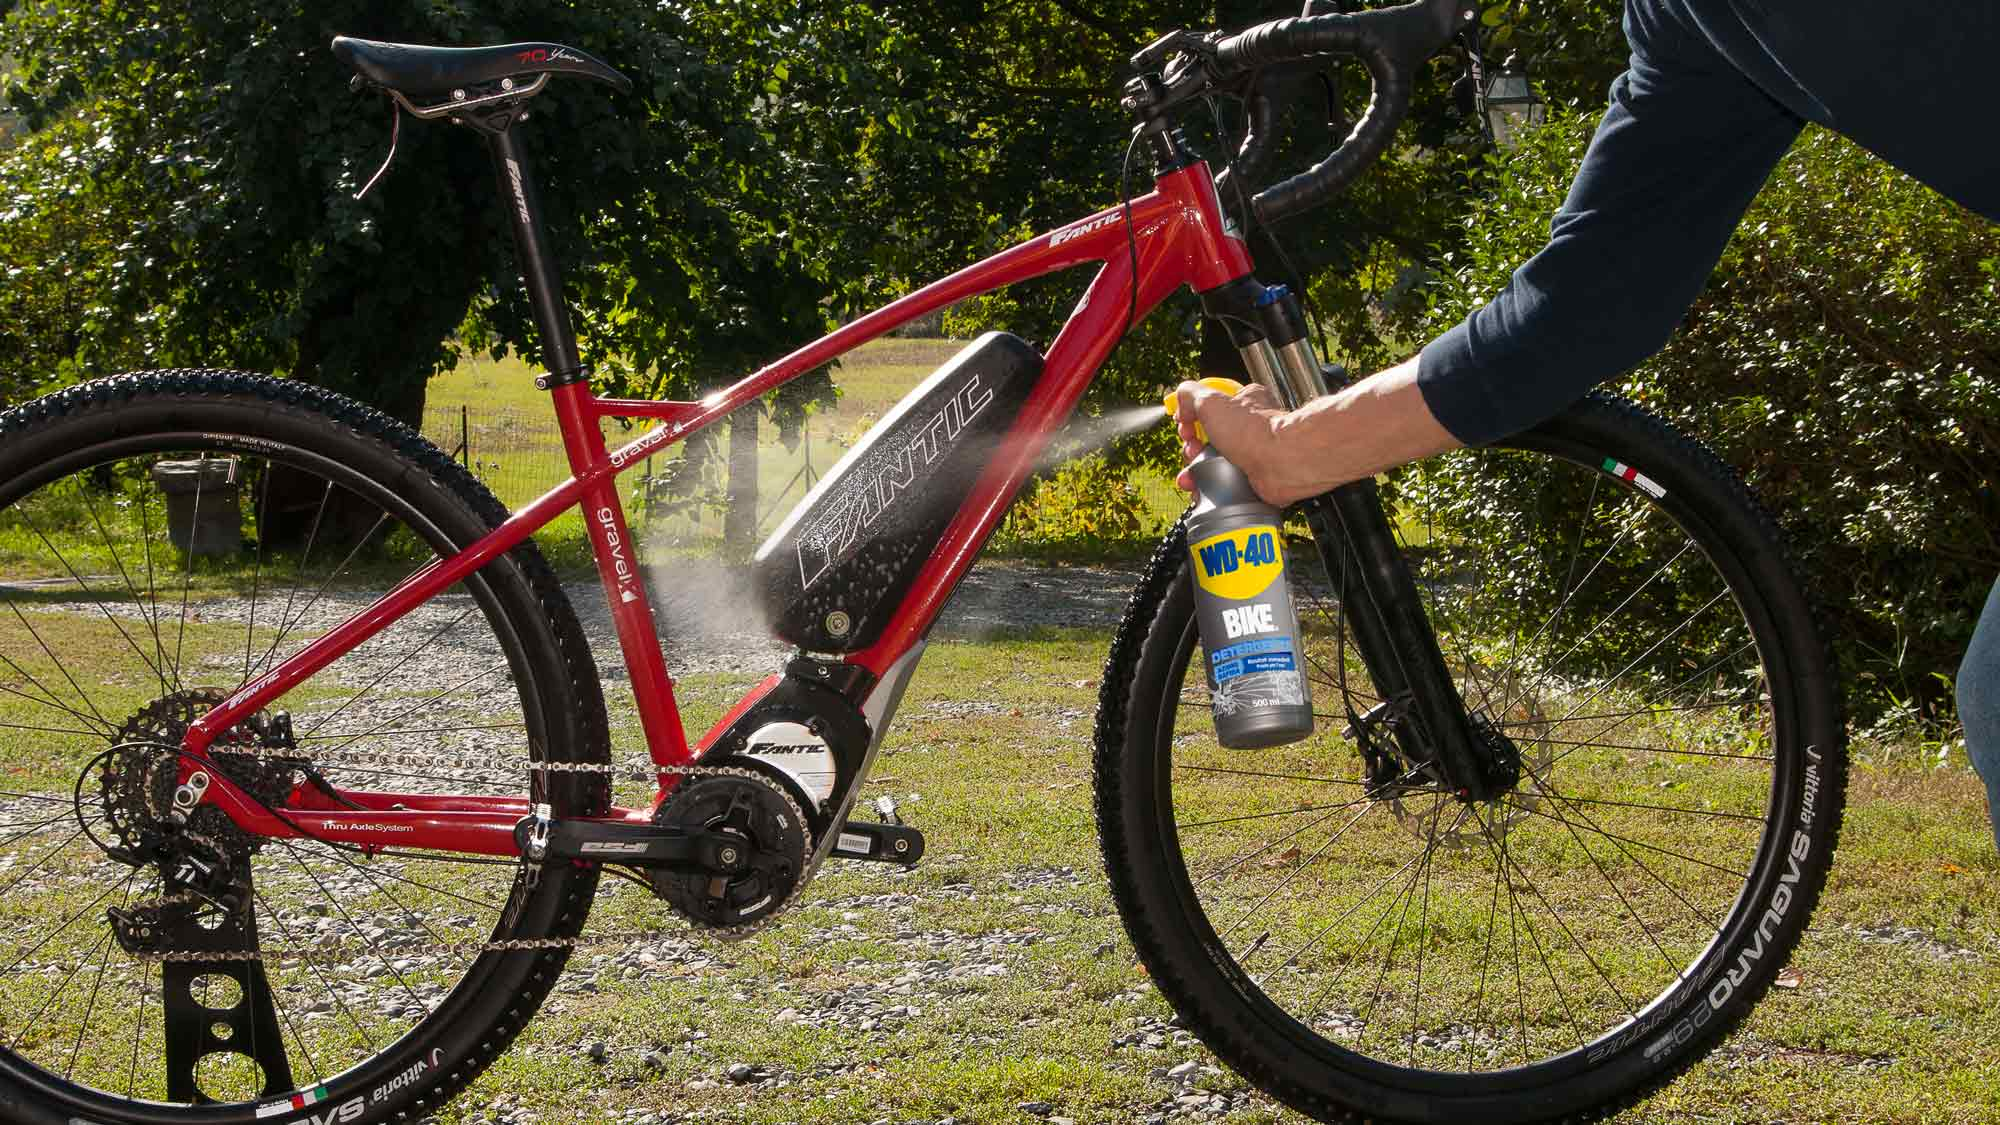 WD-40 Bike | Manutenzione della bicicletta